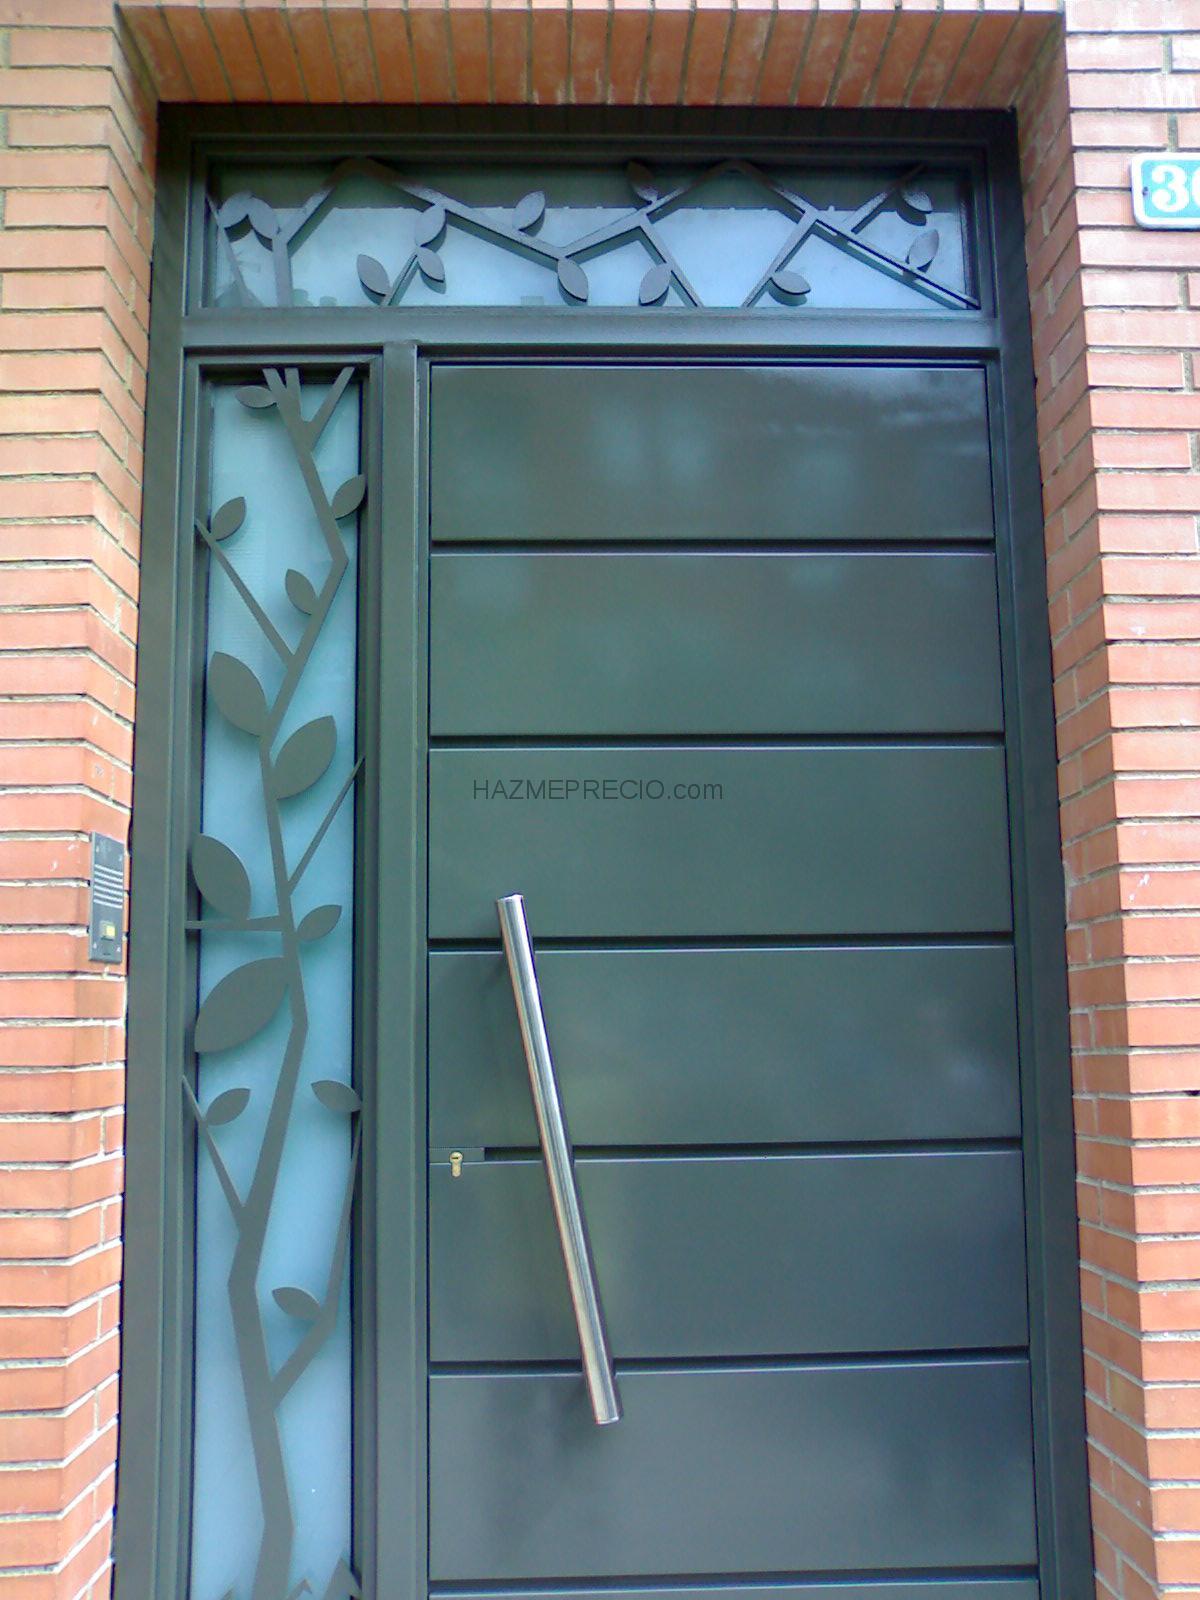 Presupuesto para cristal translucido puerta interior for Presupuesto puertas interior